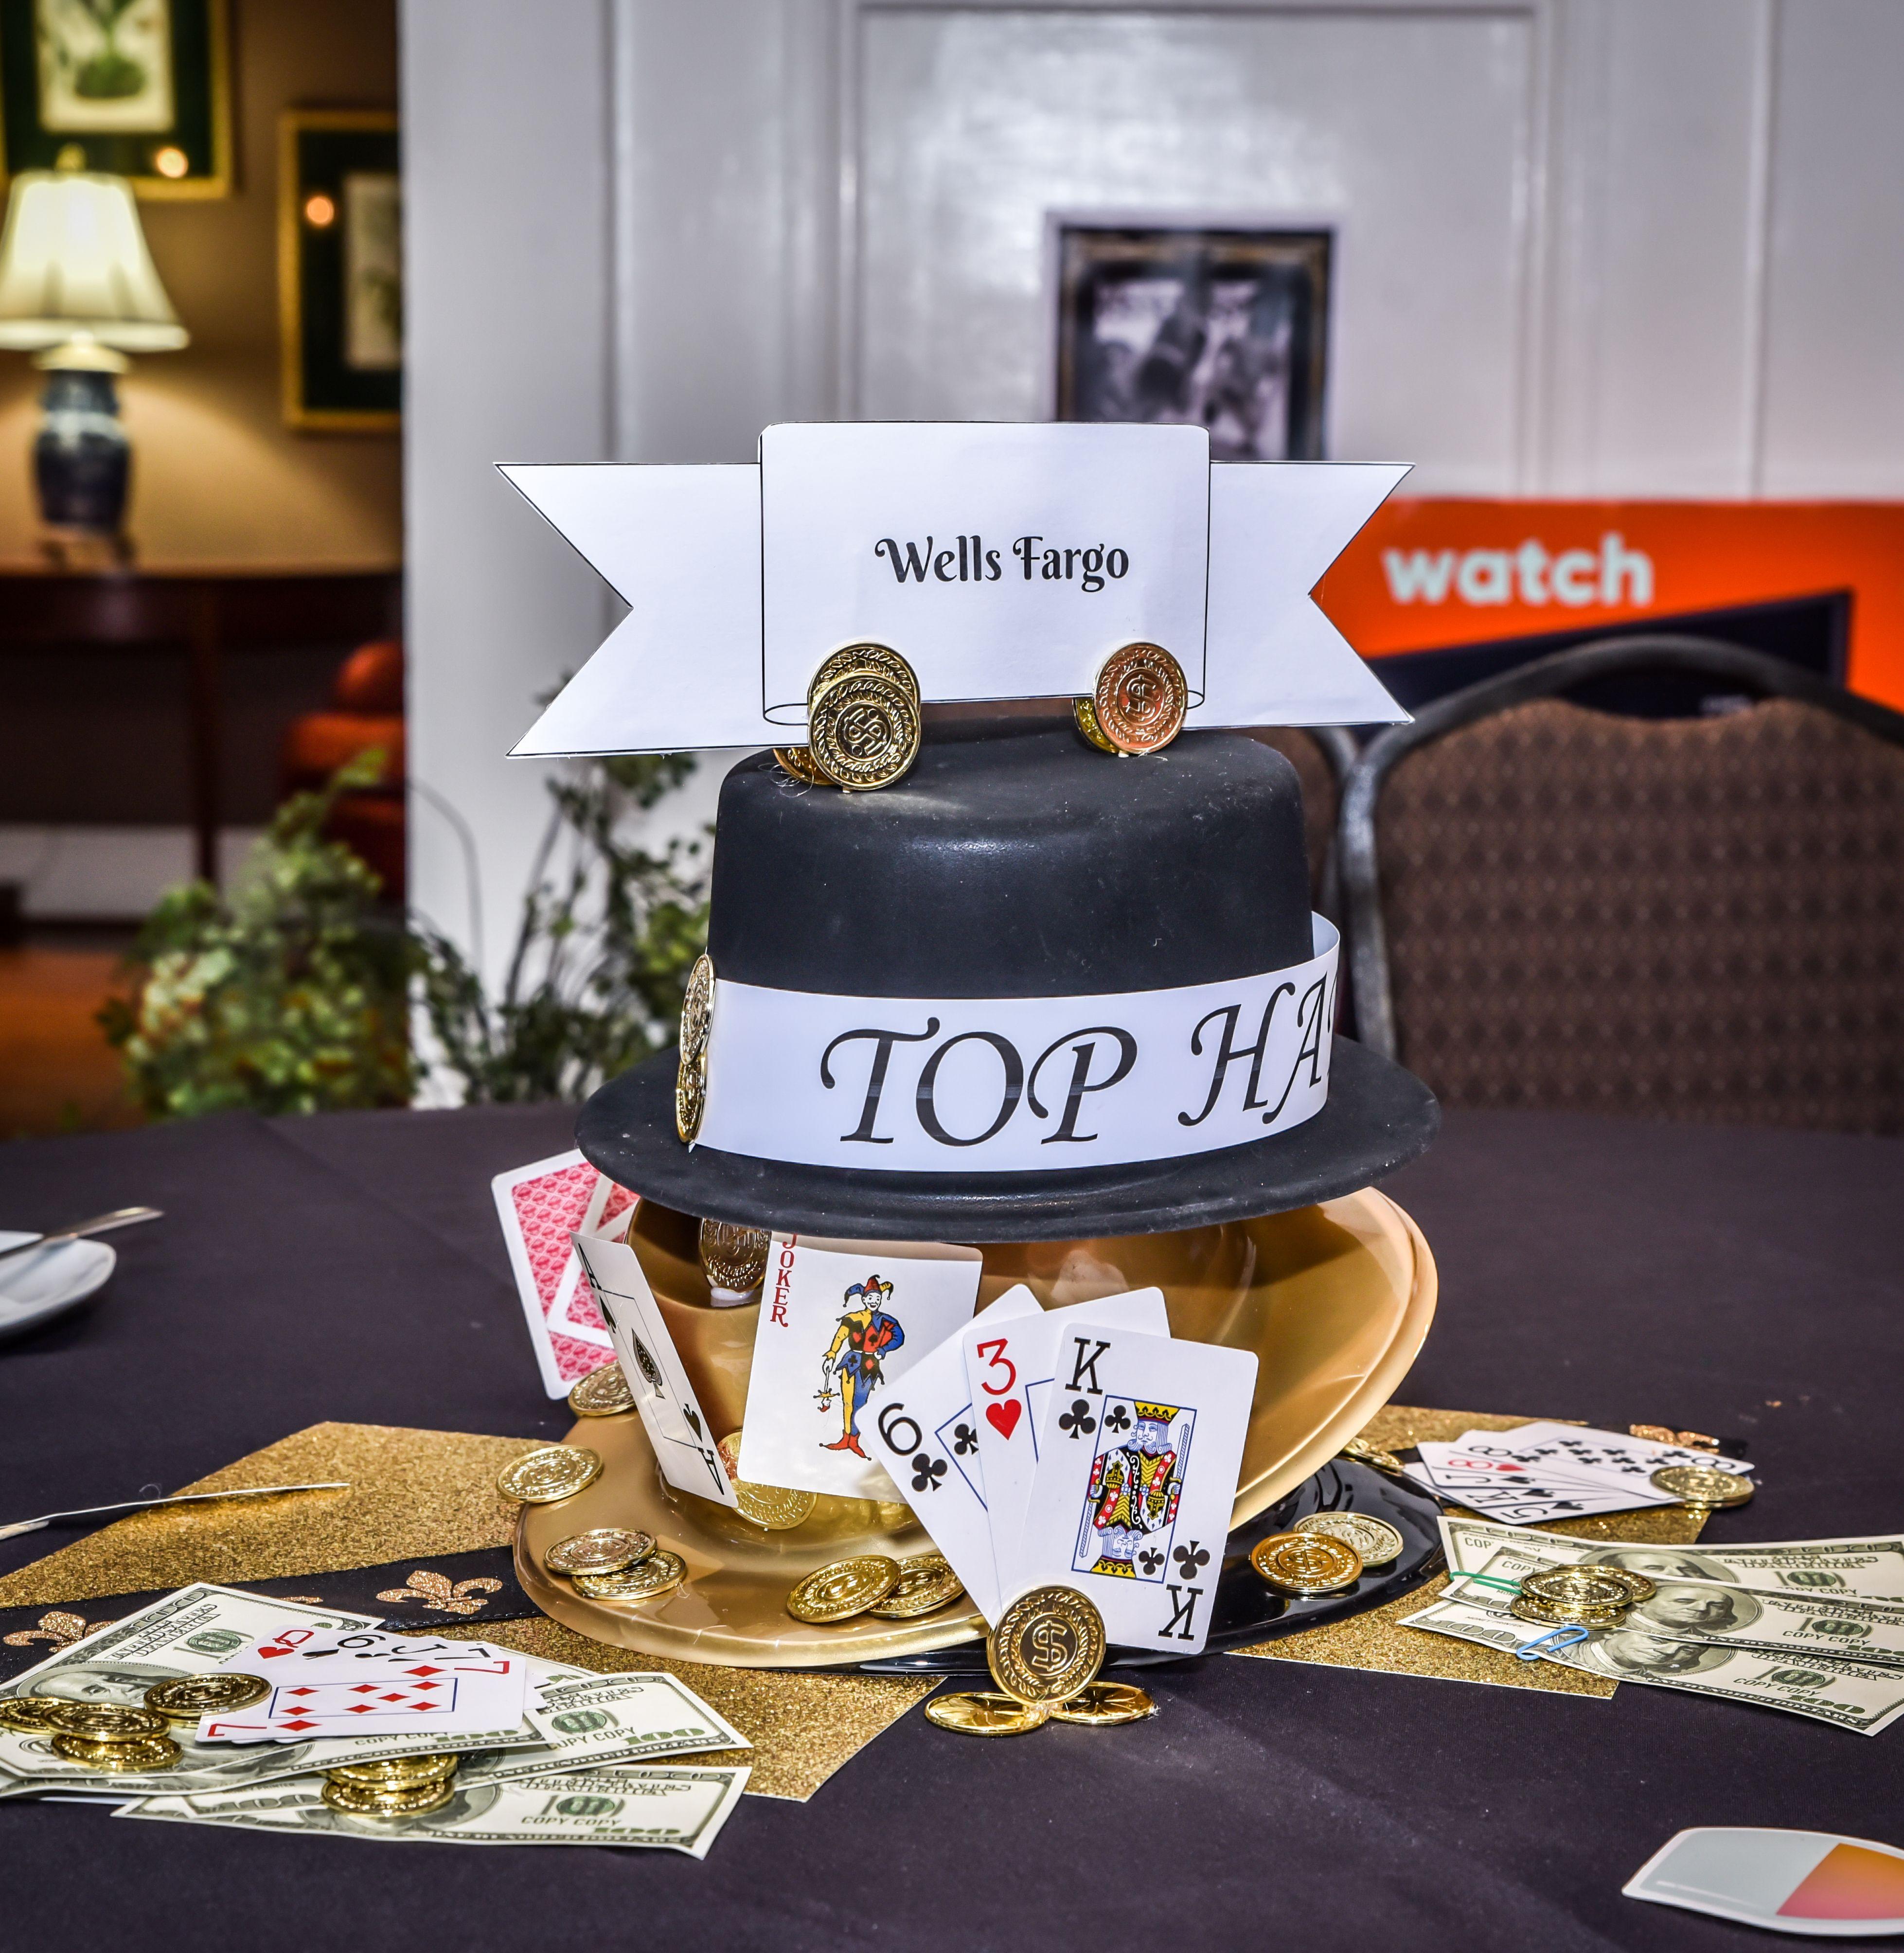 Wells Fargo Top Hat